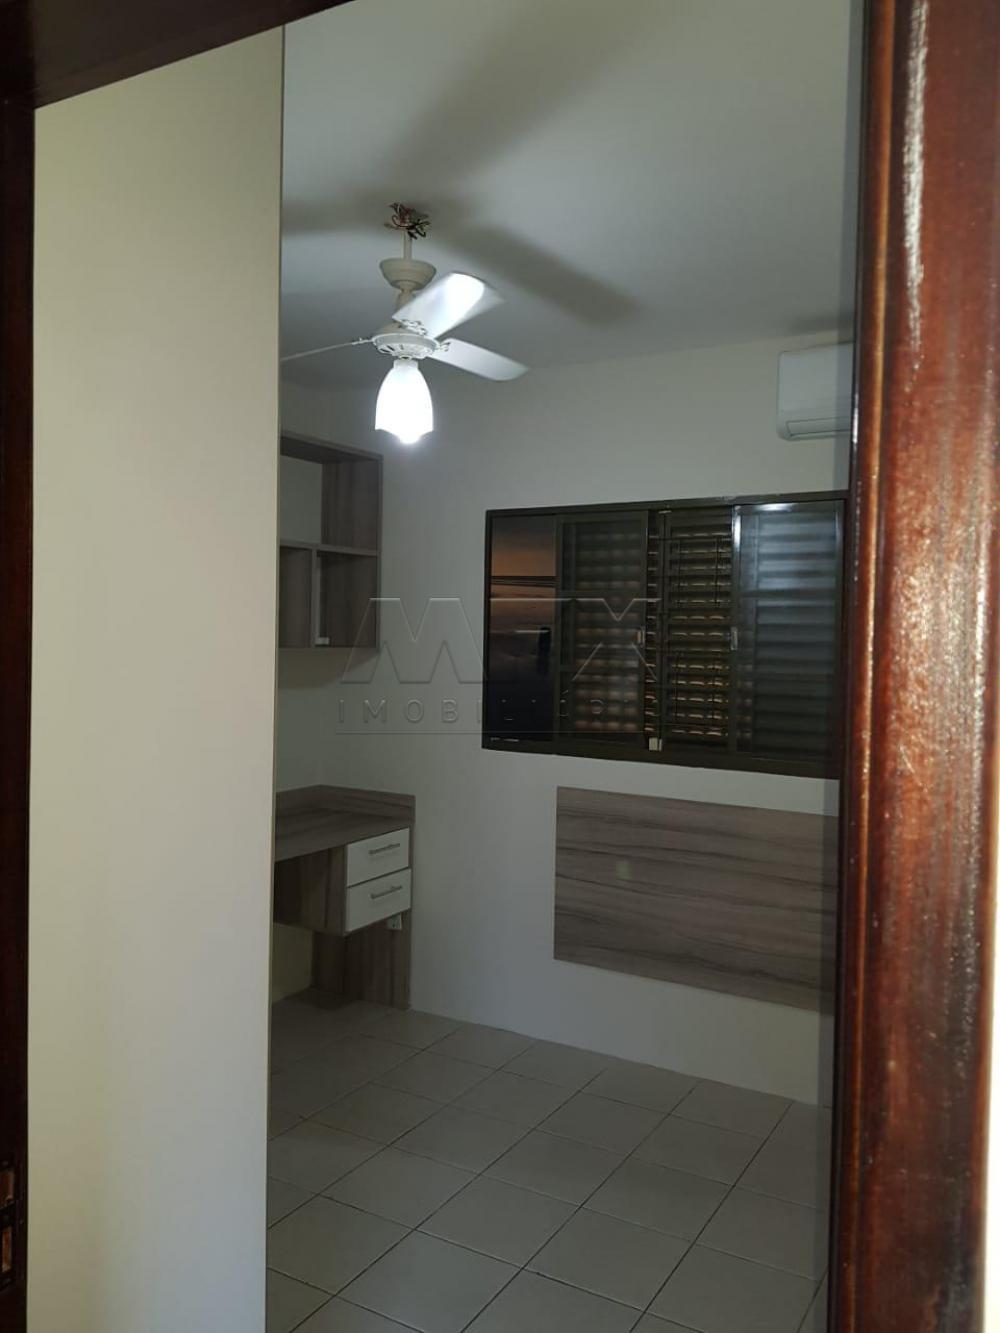 Comprar Casa / Padrão em Bauru apenas R$ 460.000,00 - Foto 13